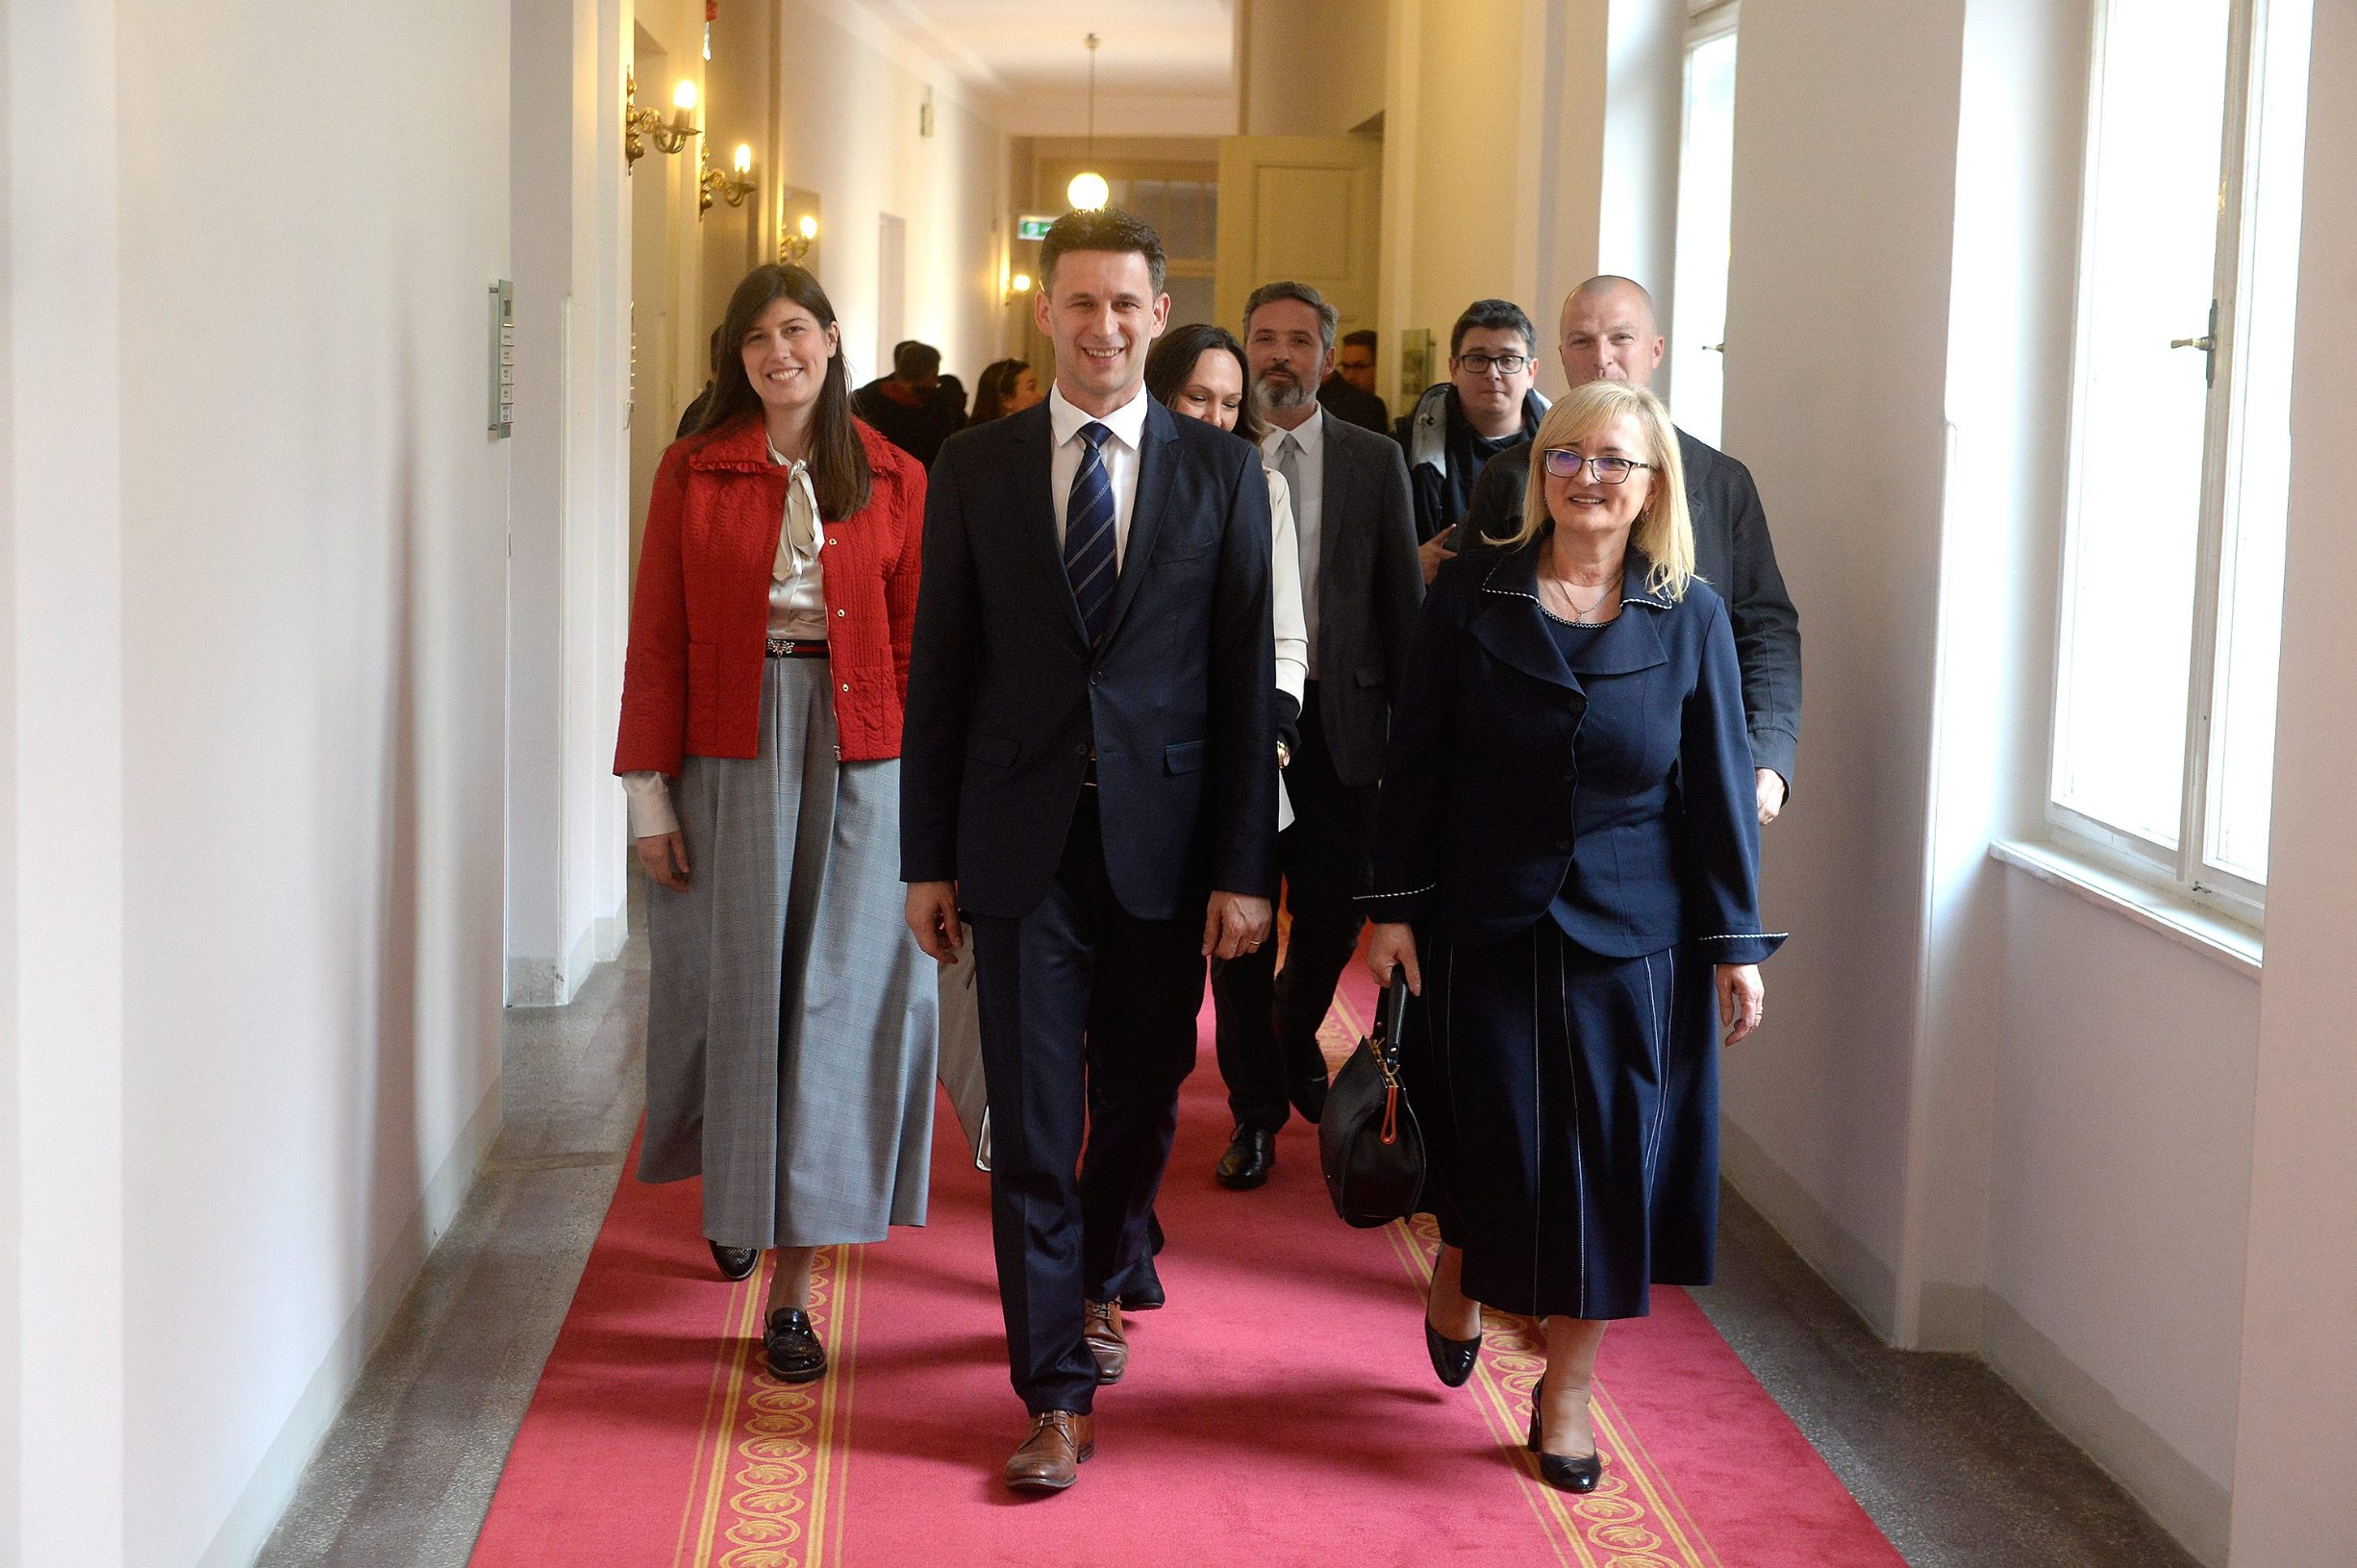 Mostovi kandidati za izbore za Europski parlament